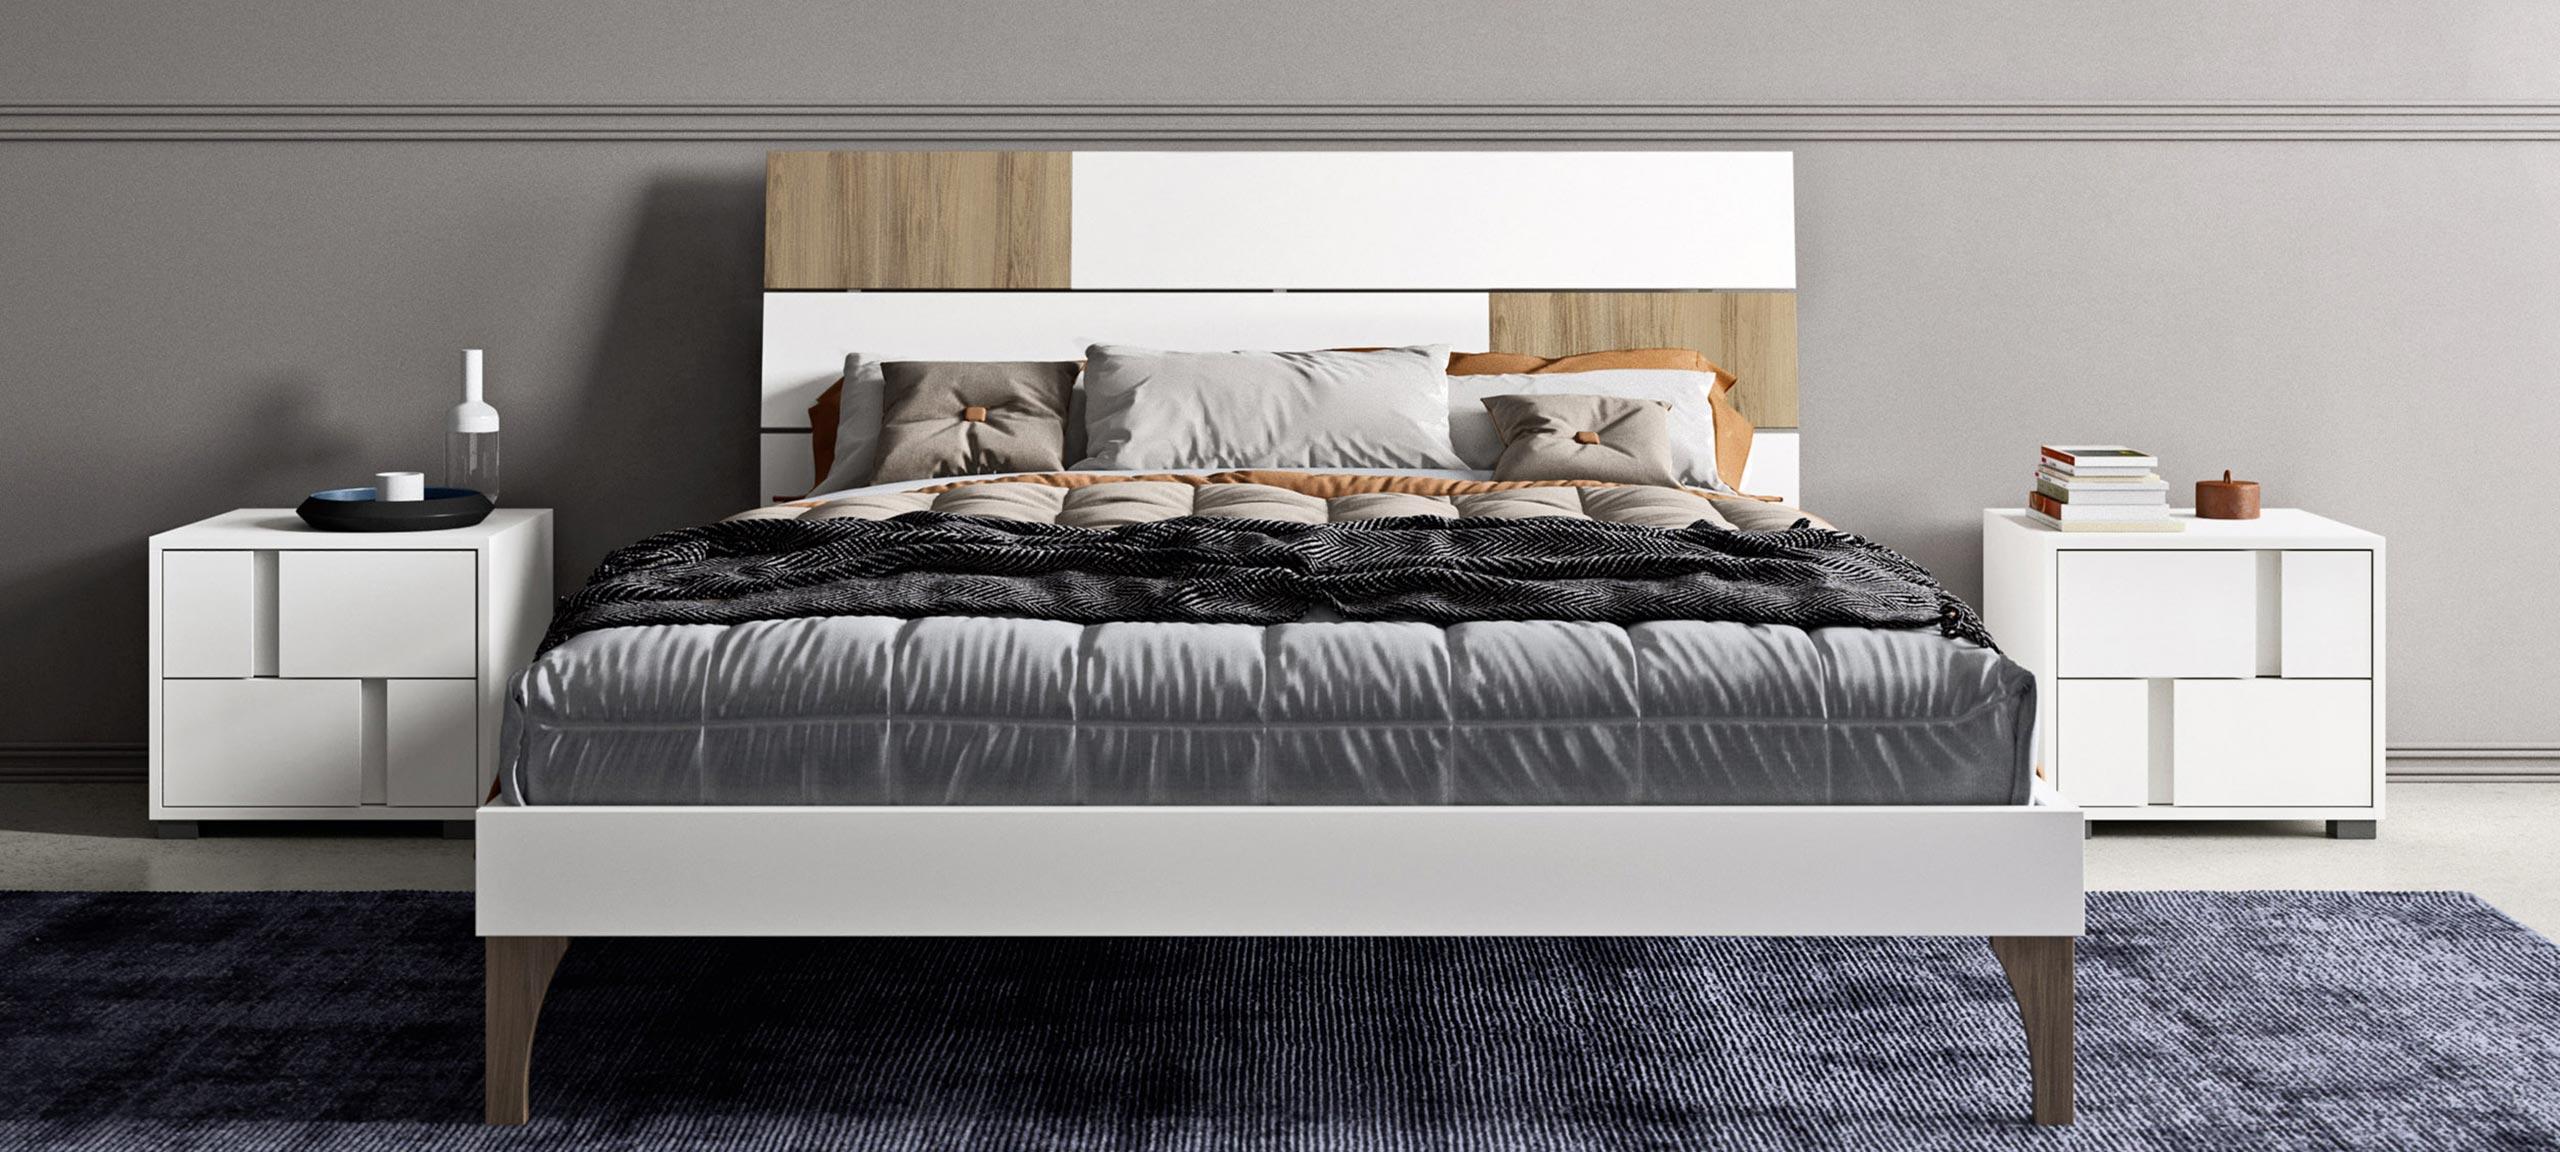 Letto Matrimoniale In Legno Moderno.Tag Letto Matrimoniale Legno Dal Design Moderno Mab Home Furniture